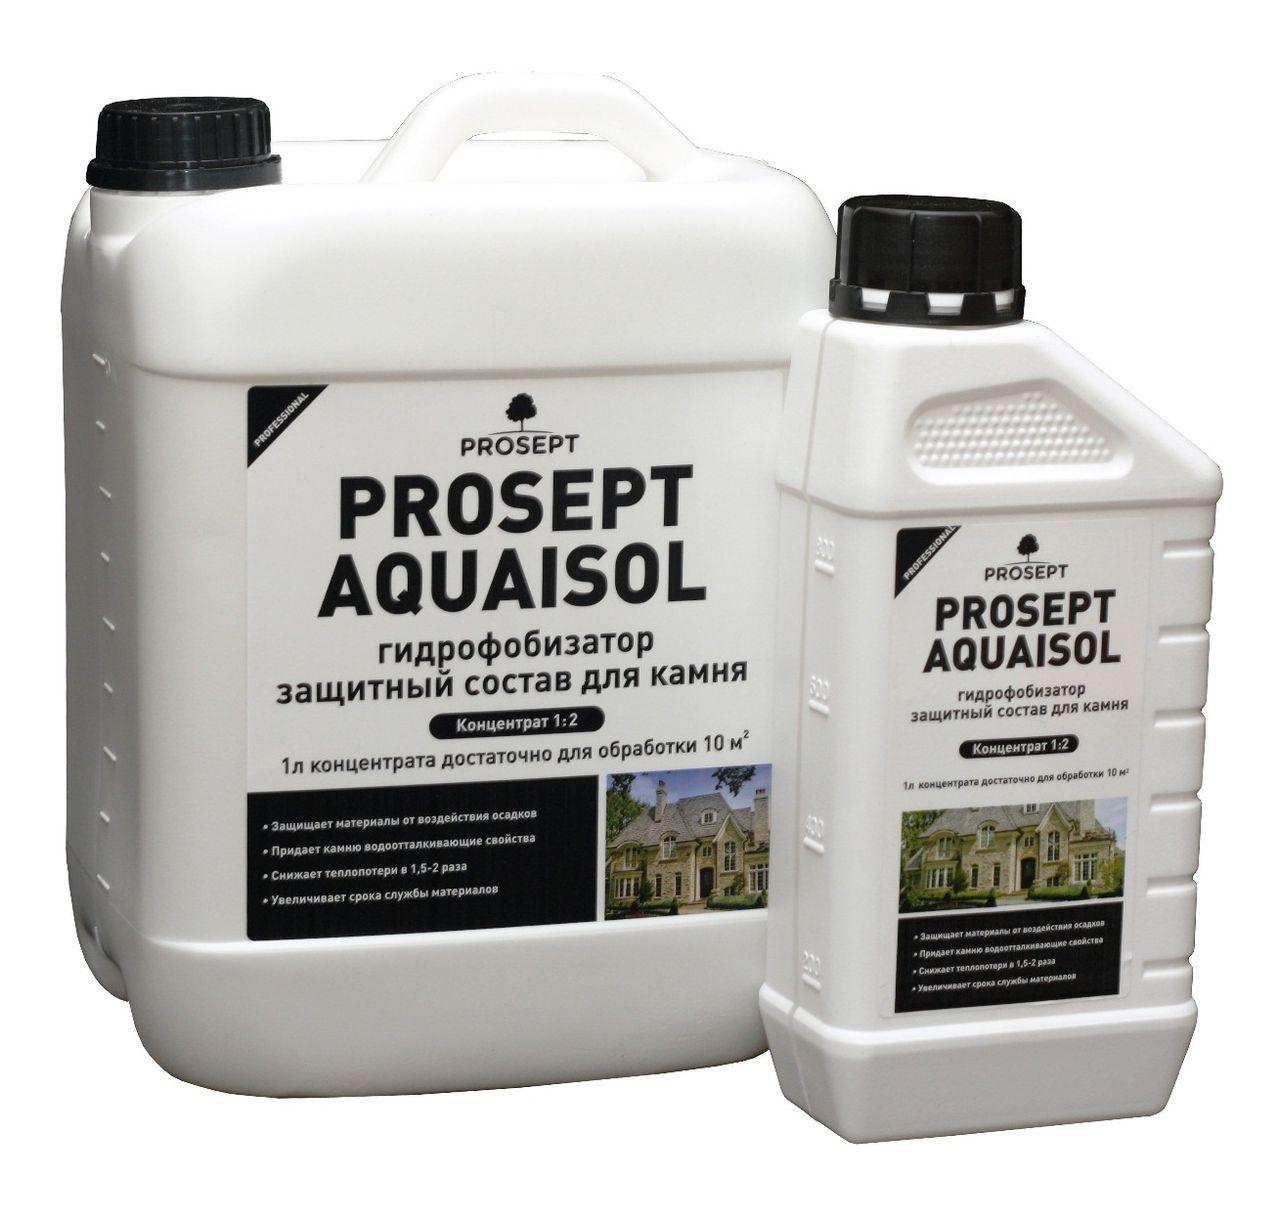 Он обеспечивает лучшую защиту от проникновения воды вглубь бетона, а также препятствует налипанию грязи, пыли и появлению высолов